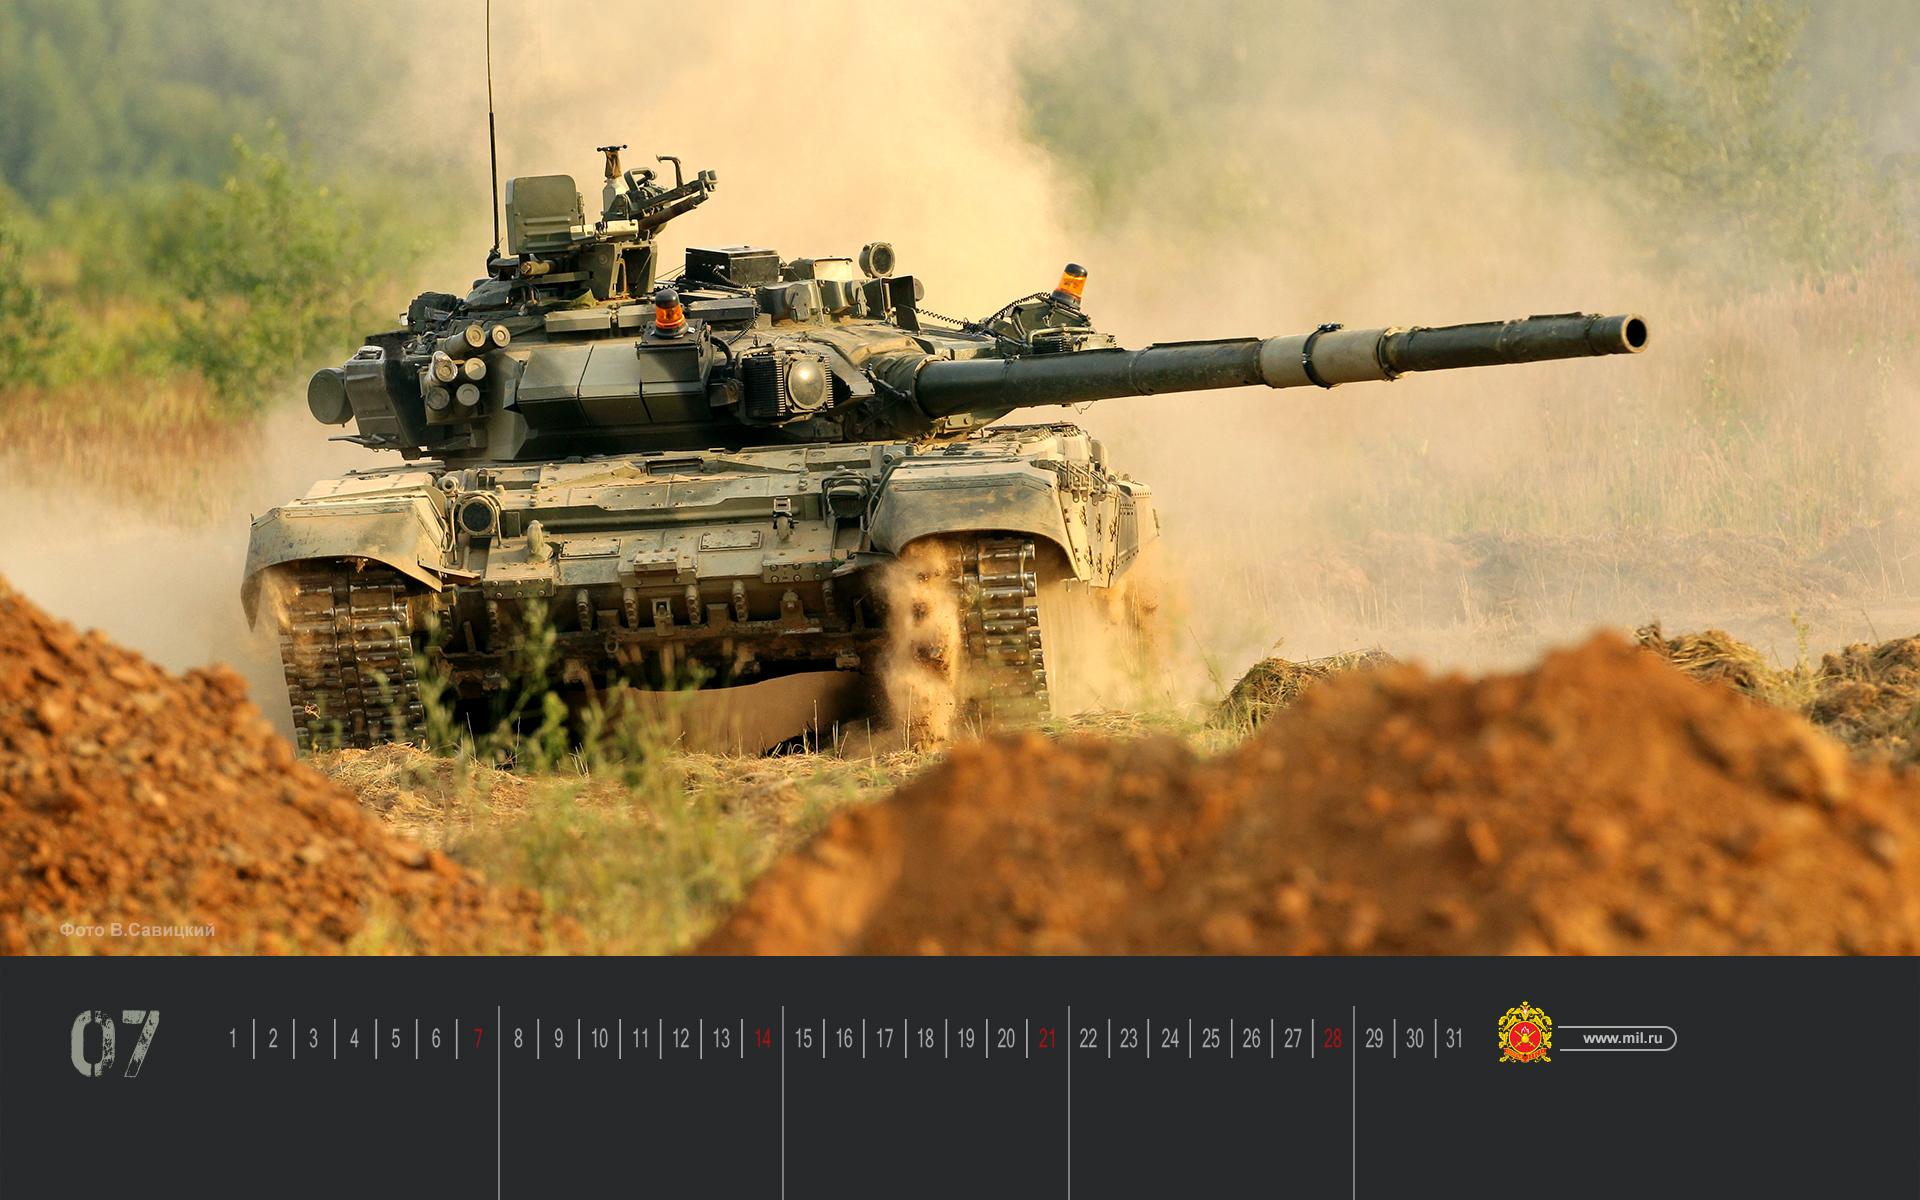 El nuevo ejército ruso... - Página 2 0_86dcd_7472f70b_orig